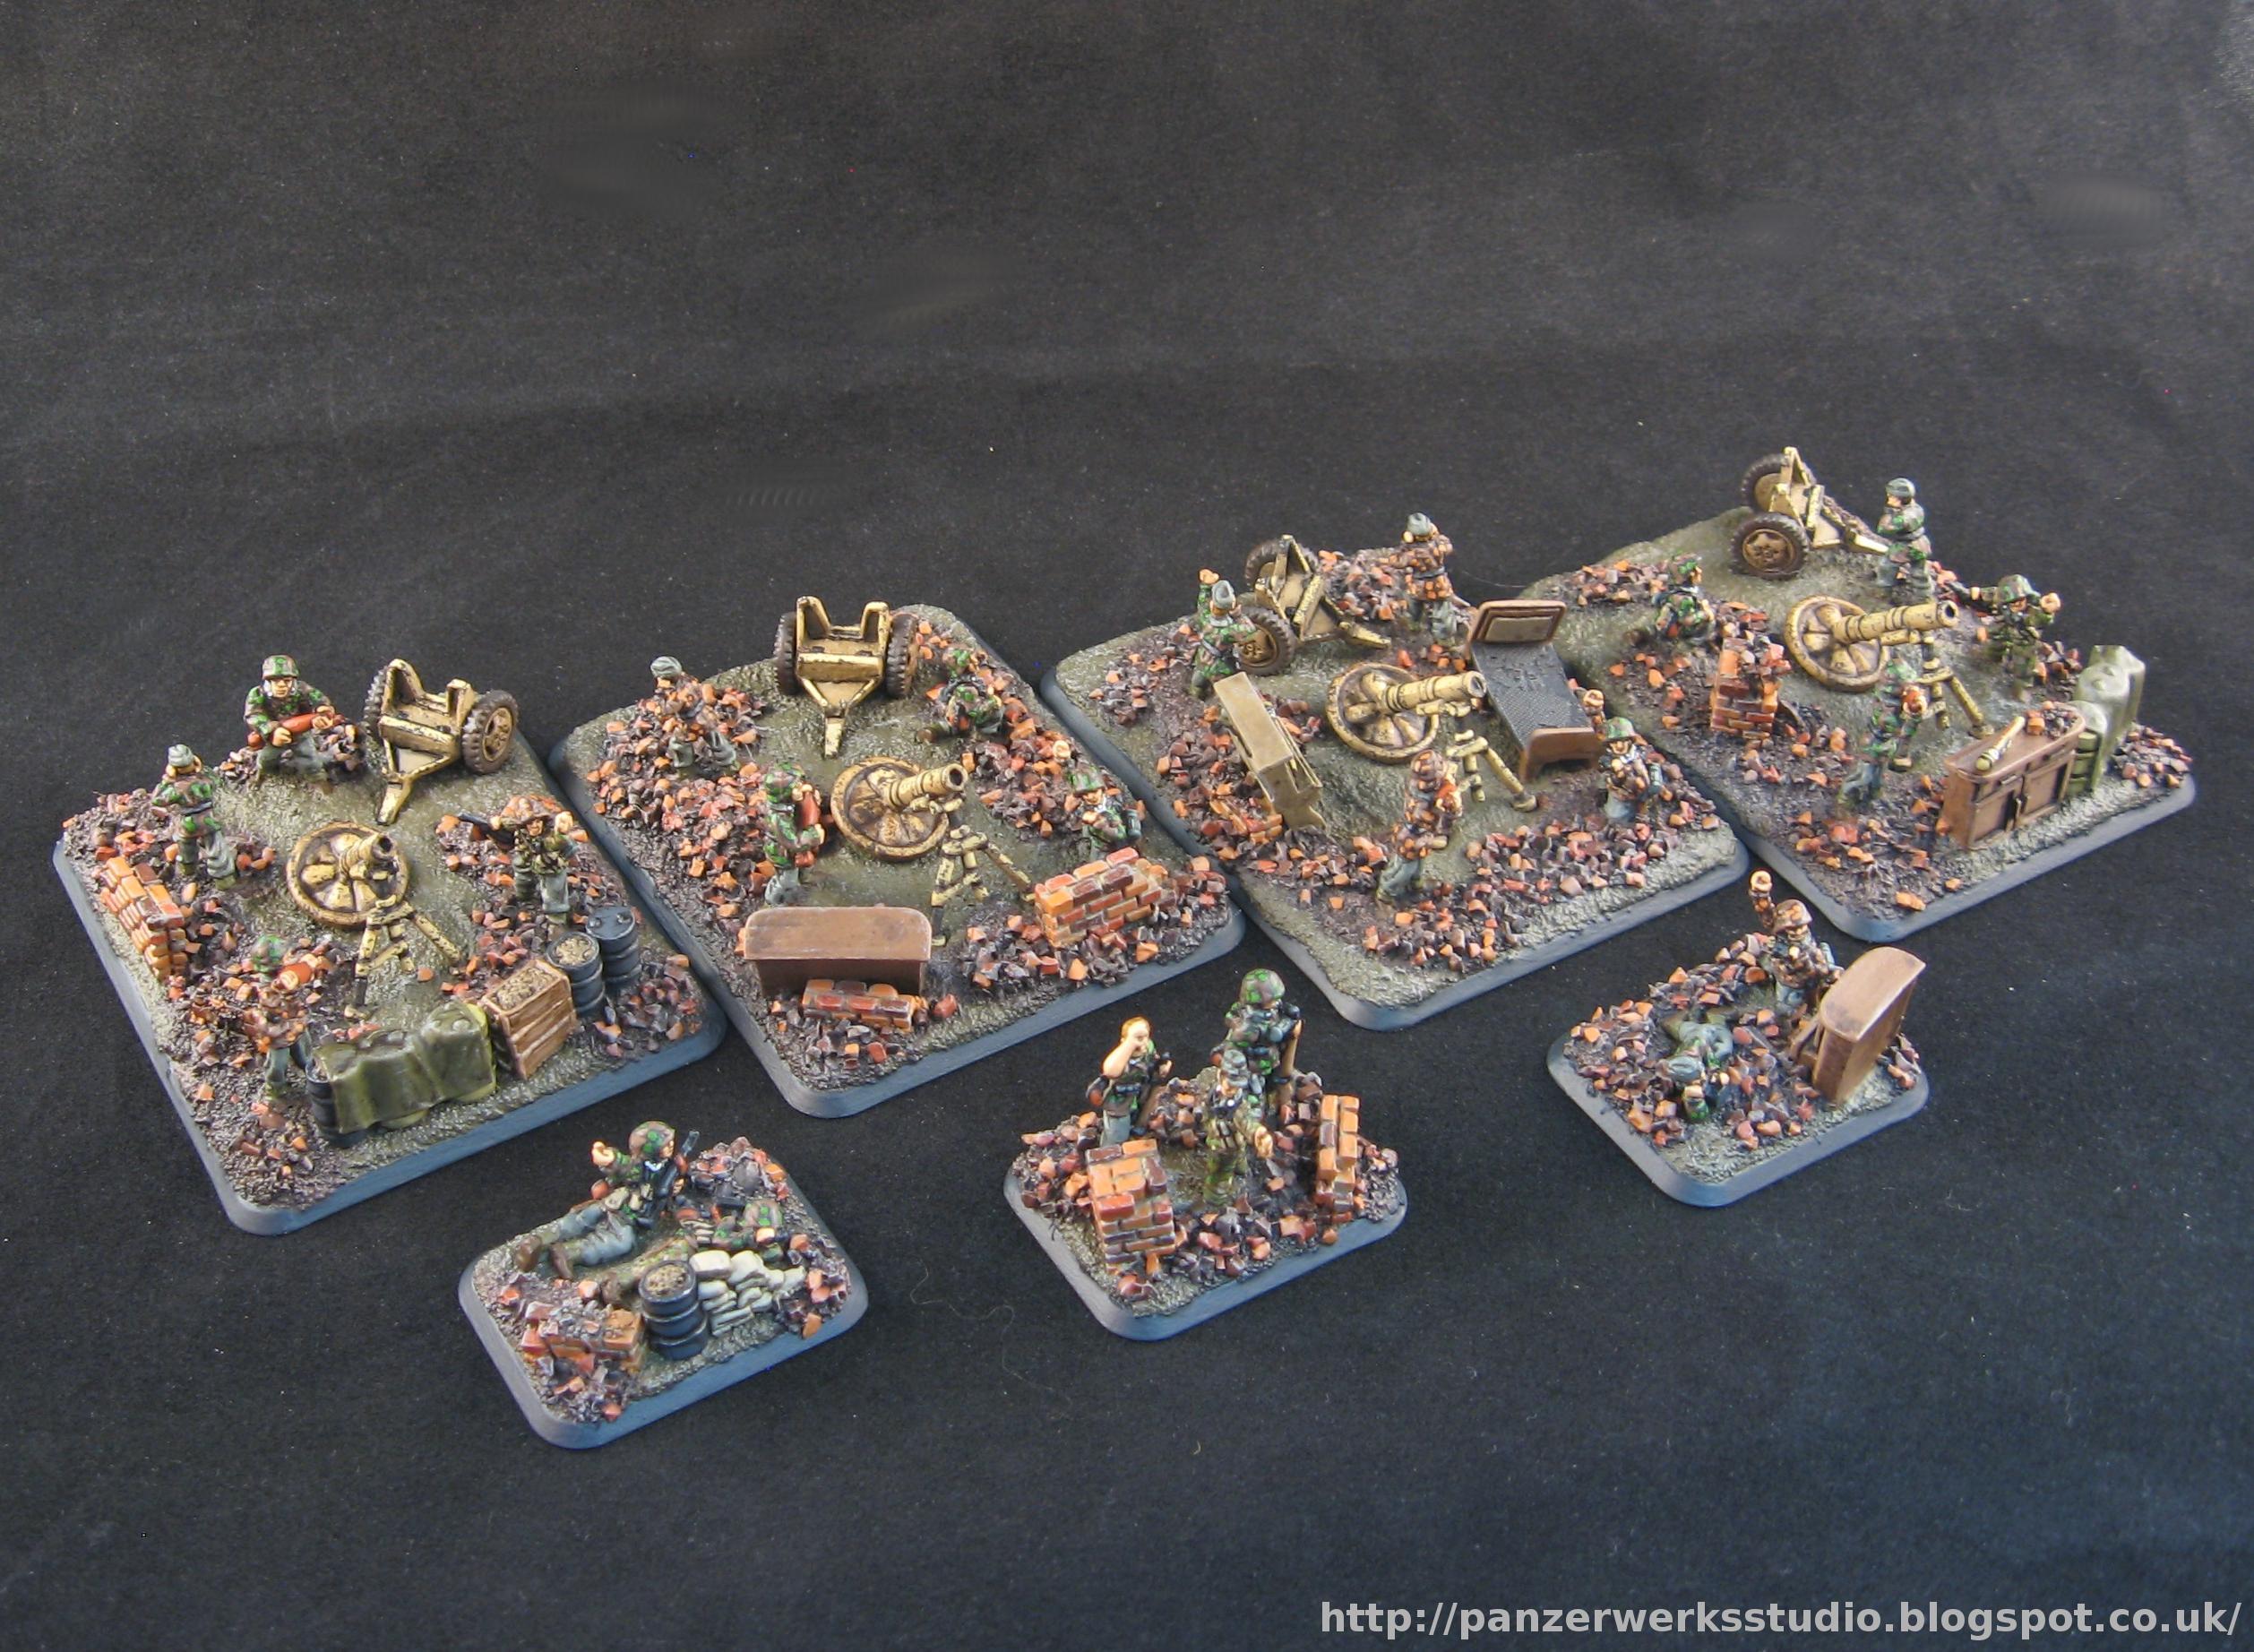 120mm, 120mm Mortar, Arnhem, Panzerwerksstudio, Panzerwerks_studio, Waffen Ss